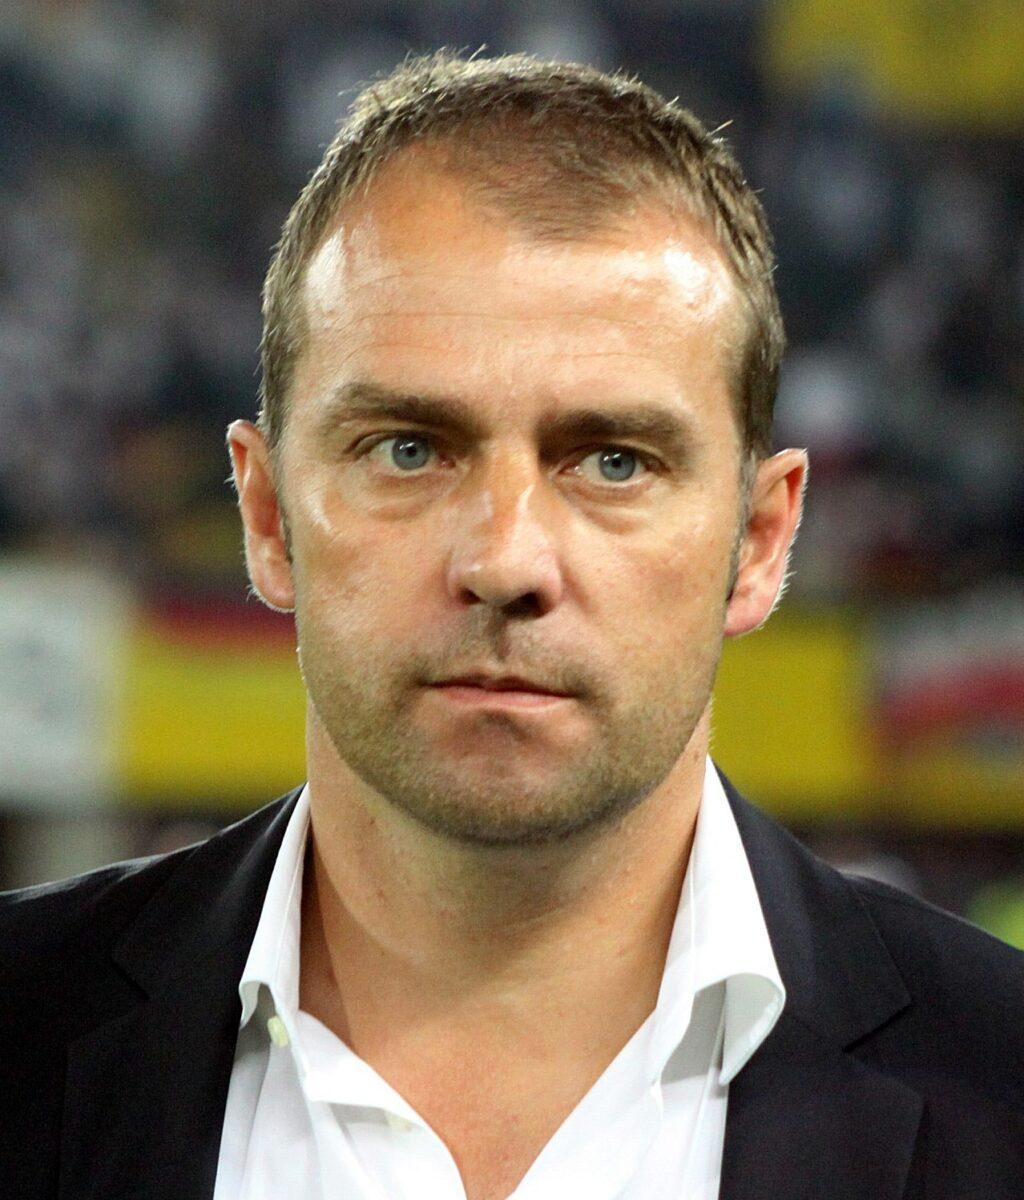 HLV Hansi Flick kí hợp đồng dẫn dắt đội tuyển Đức